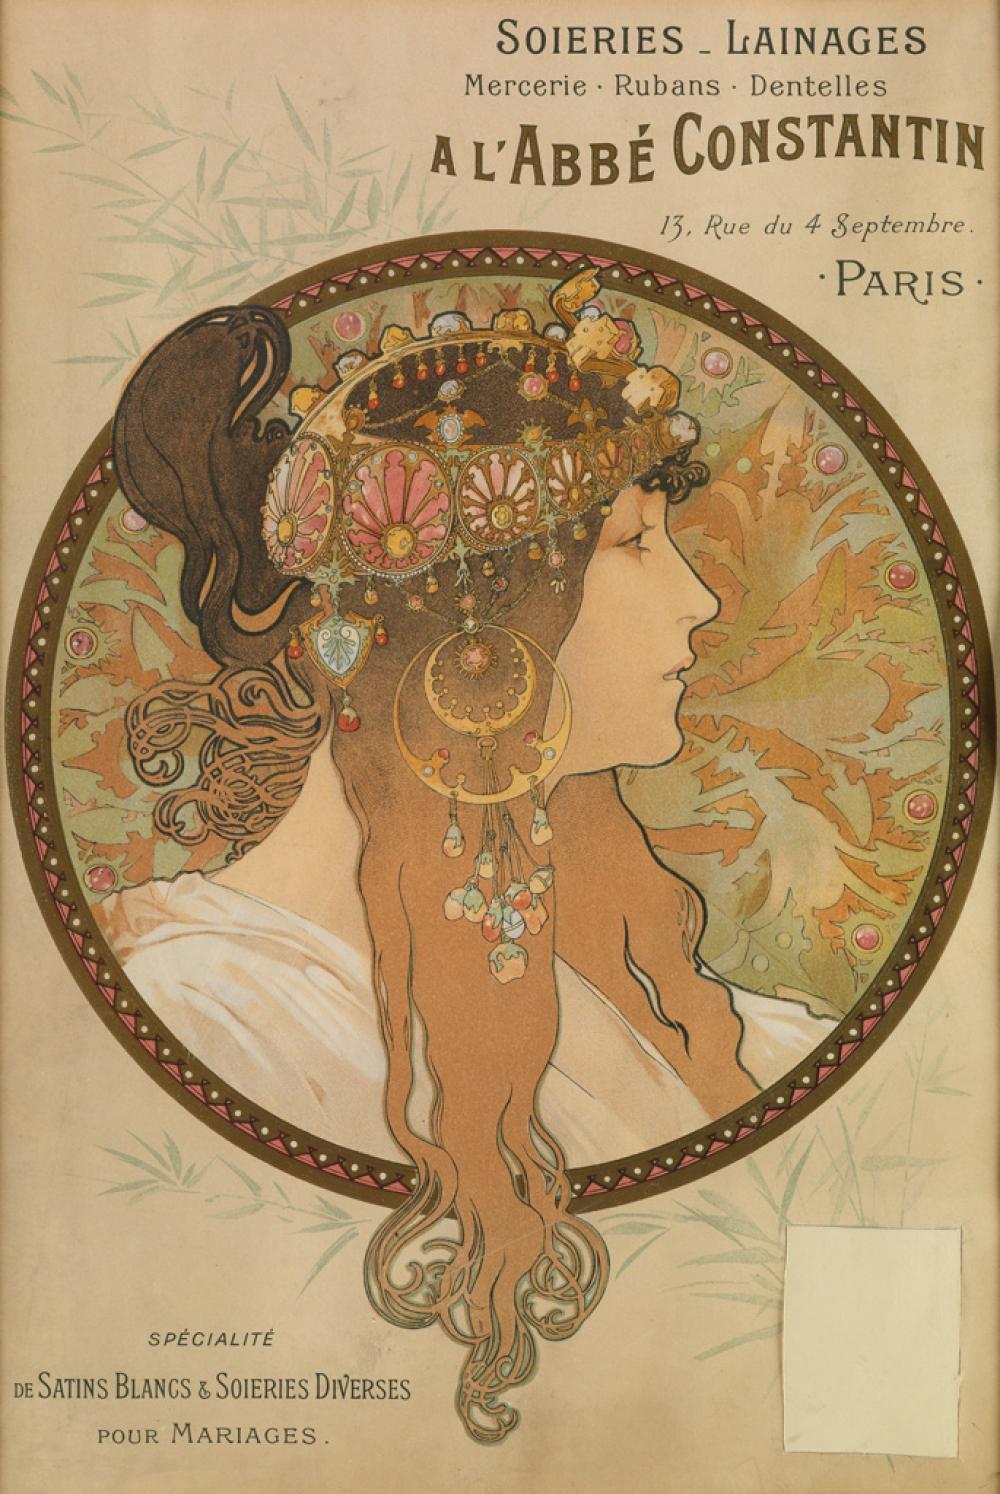 ALPHONSE MUCHA (1860-1939). [TÊTE BYZANTINE BRUNETTE] / SOIERIES LAINAGES A L''ABBÉ CONSTANTIN. Circa 1897. 17x11 inches, 43x29 cm. [F.